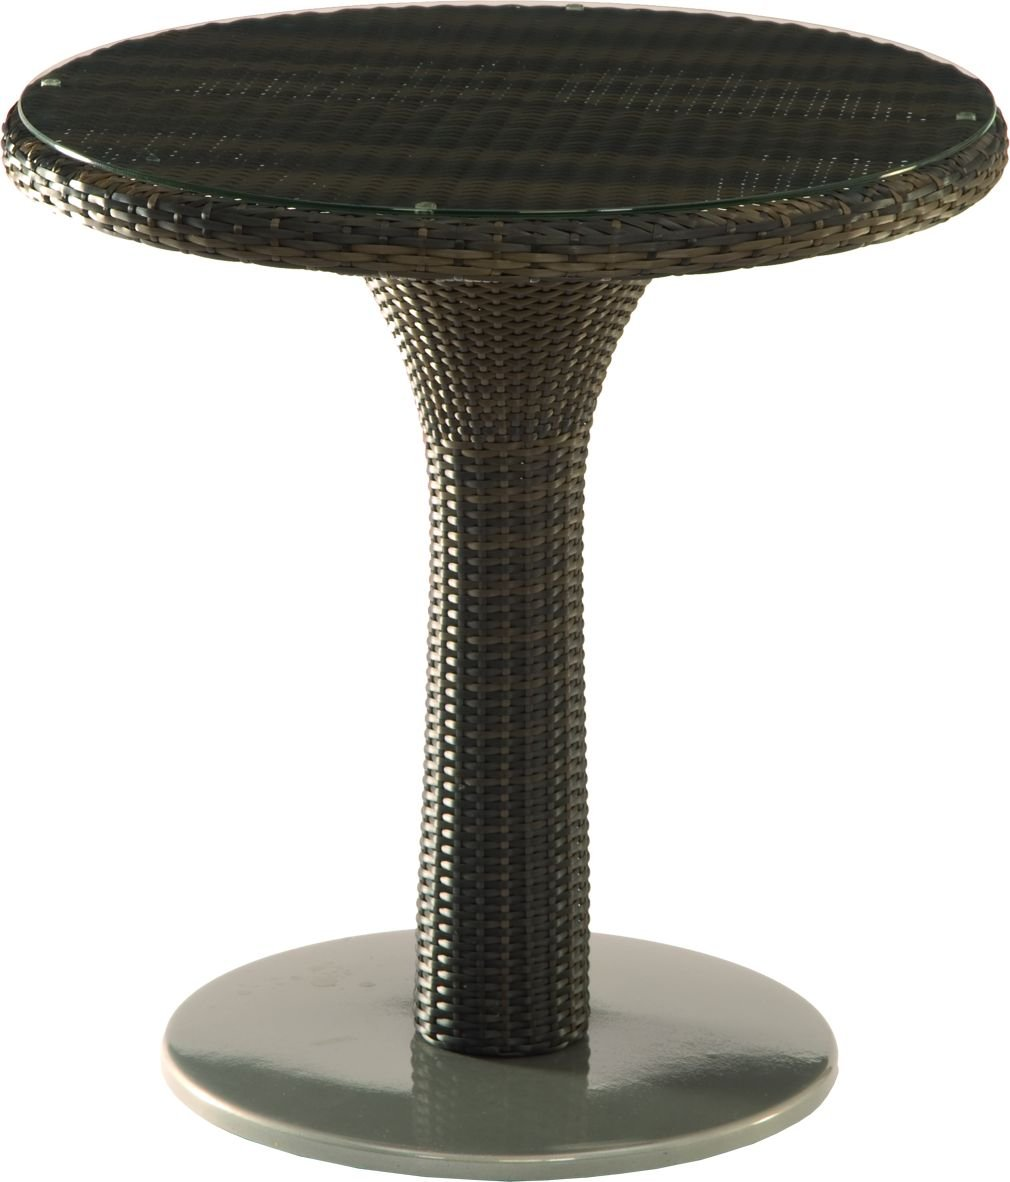 Stern 419887 Bistrotisch Eden ø 70 cm graphit, Geflecht mokka, mit Klarglasplatte online bestellen